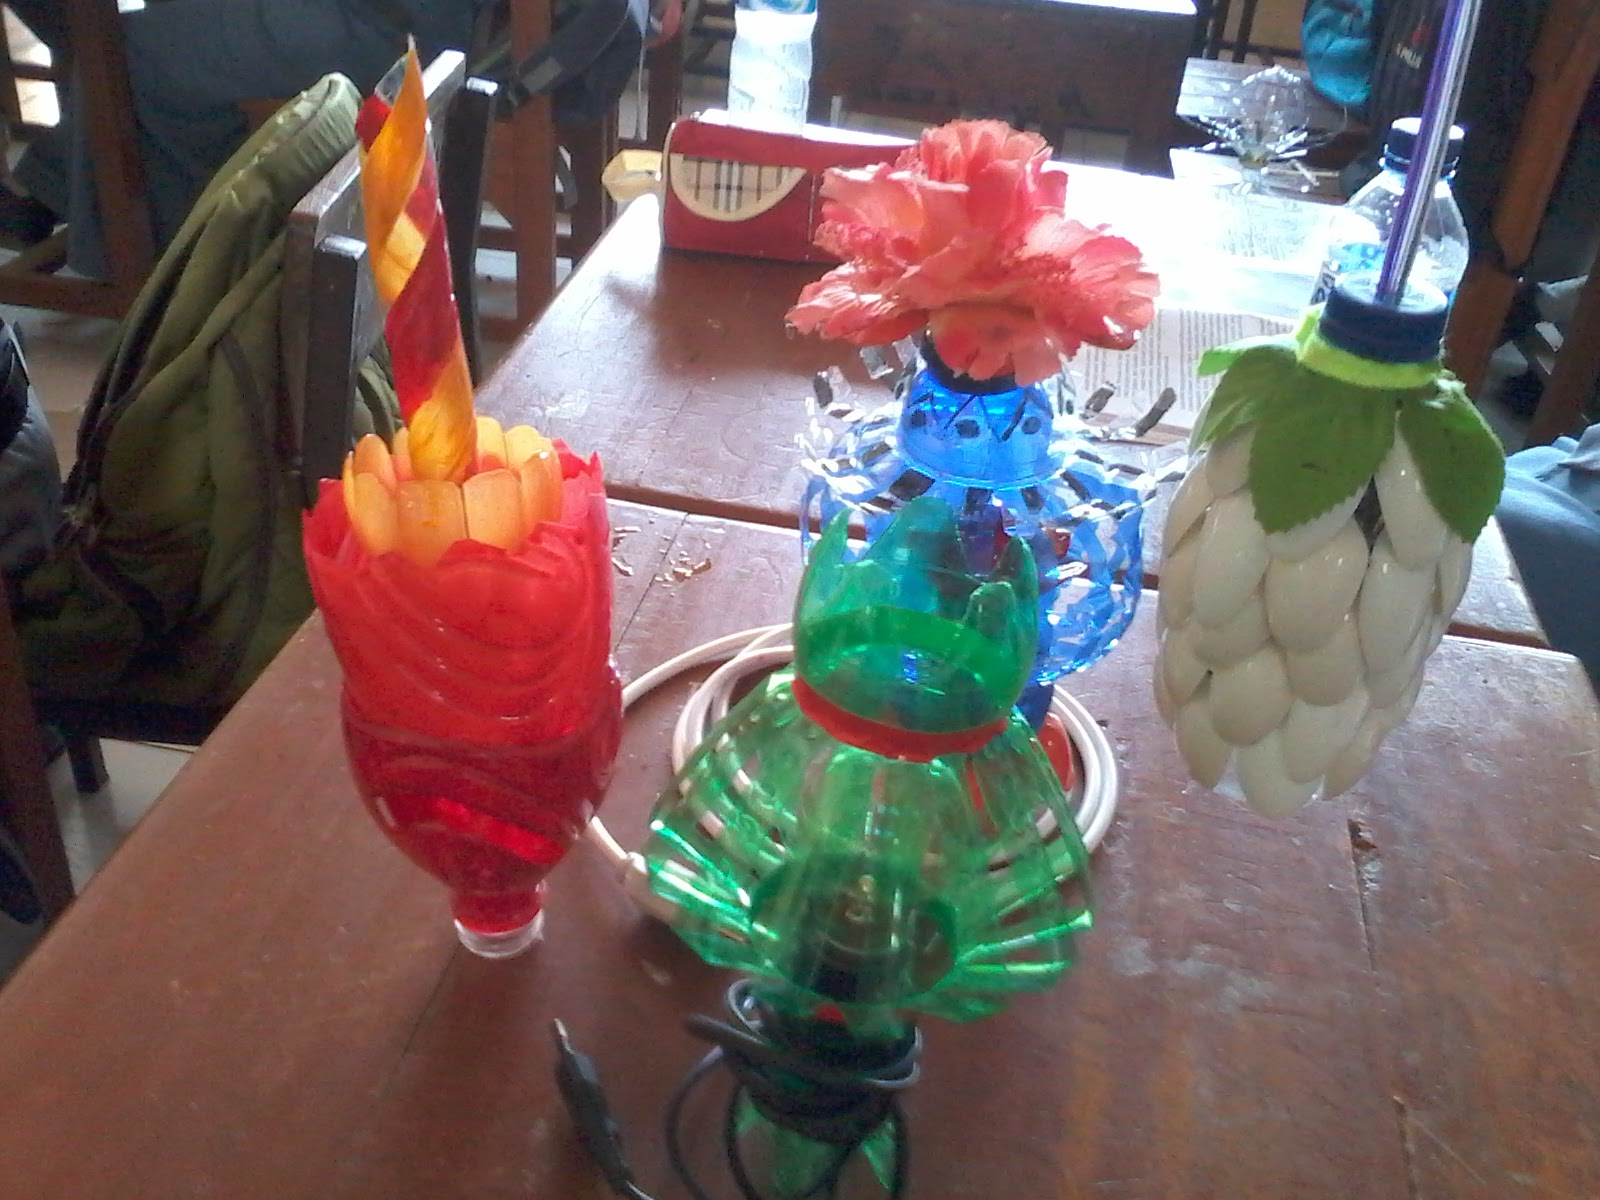 Hasil Karya Lampion Dari Limbah Botol Plastik Prakarya Amp Kewirausahaan